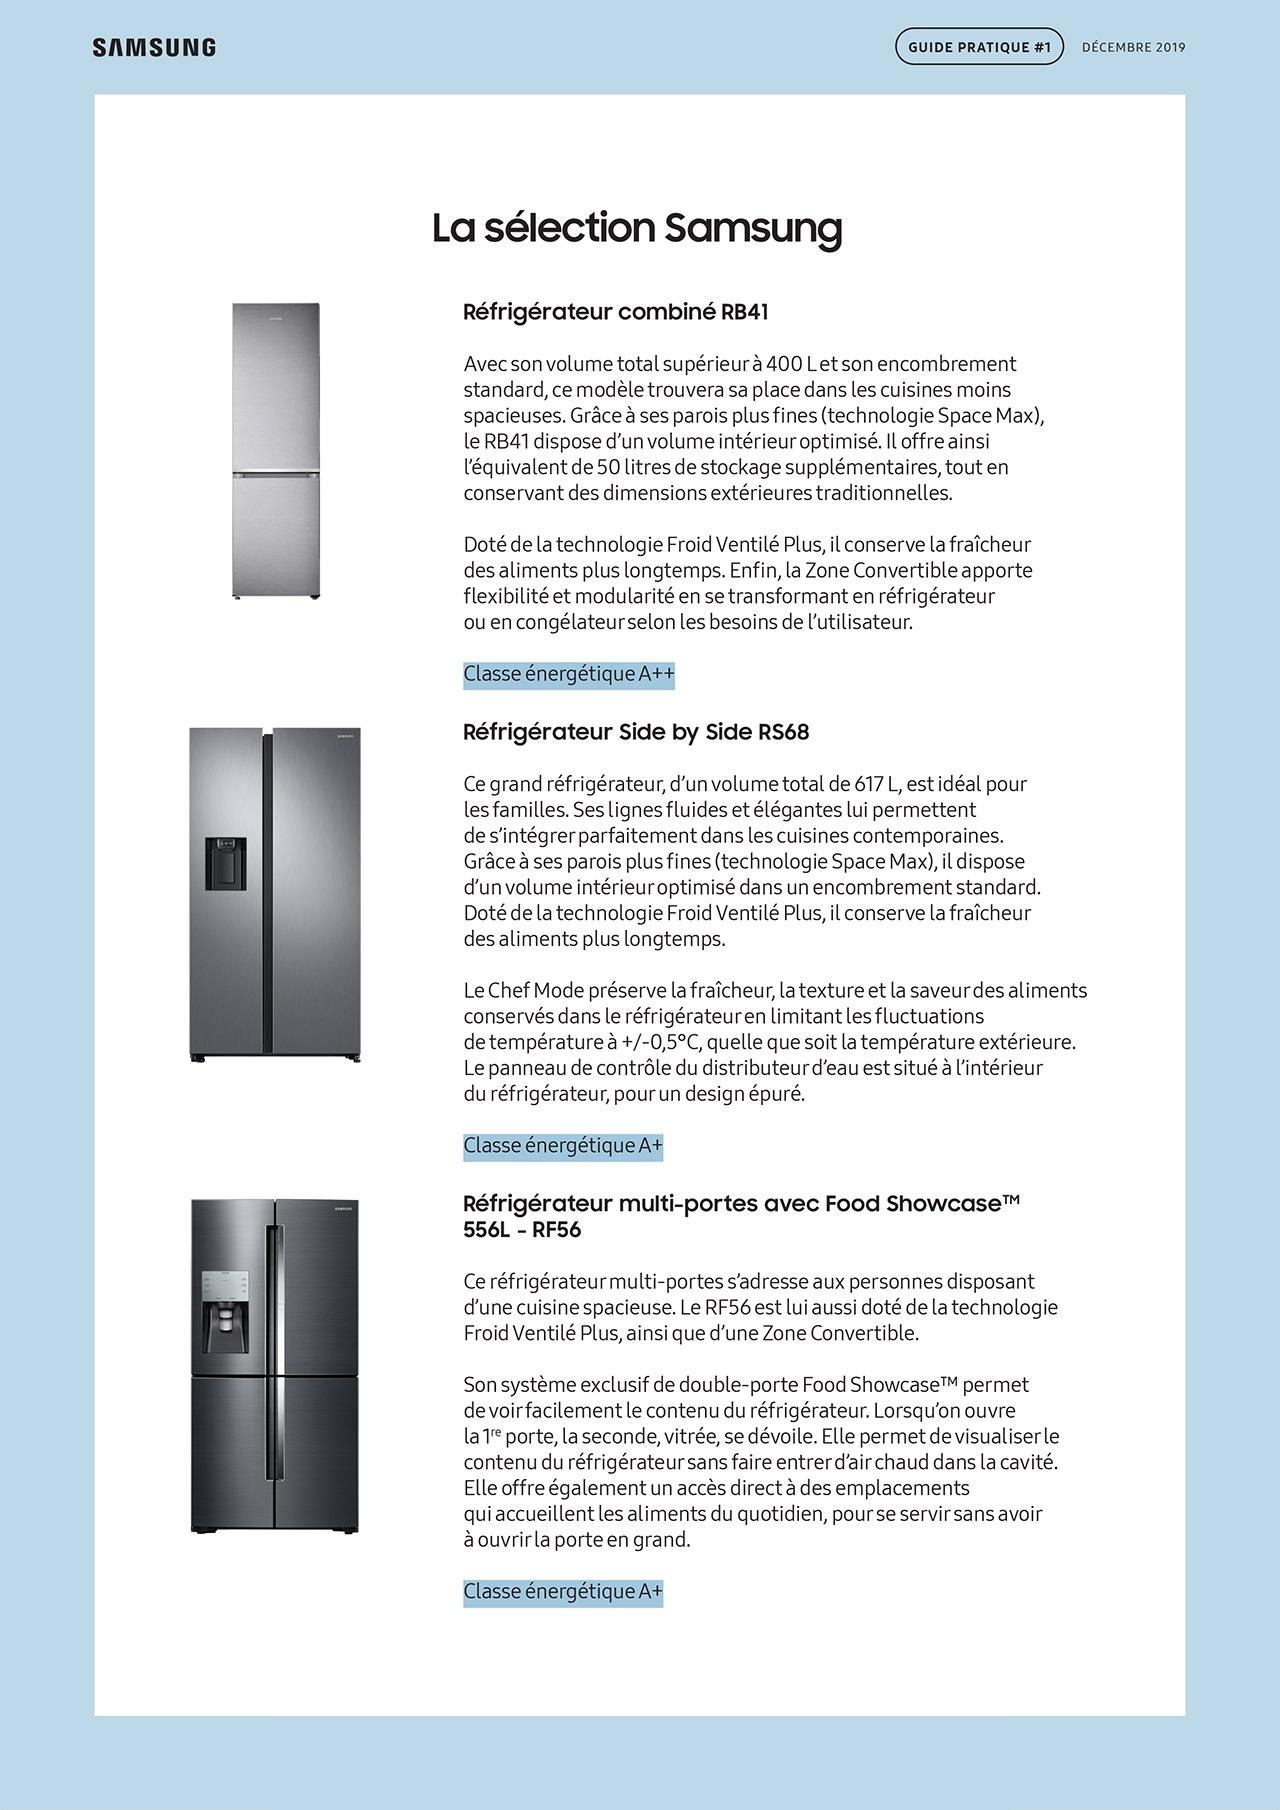 SAMSUNG - Guide pratique frigo 2019-5